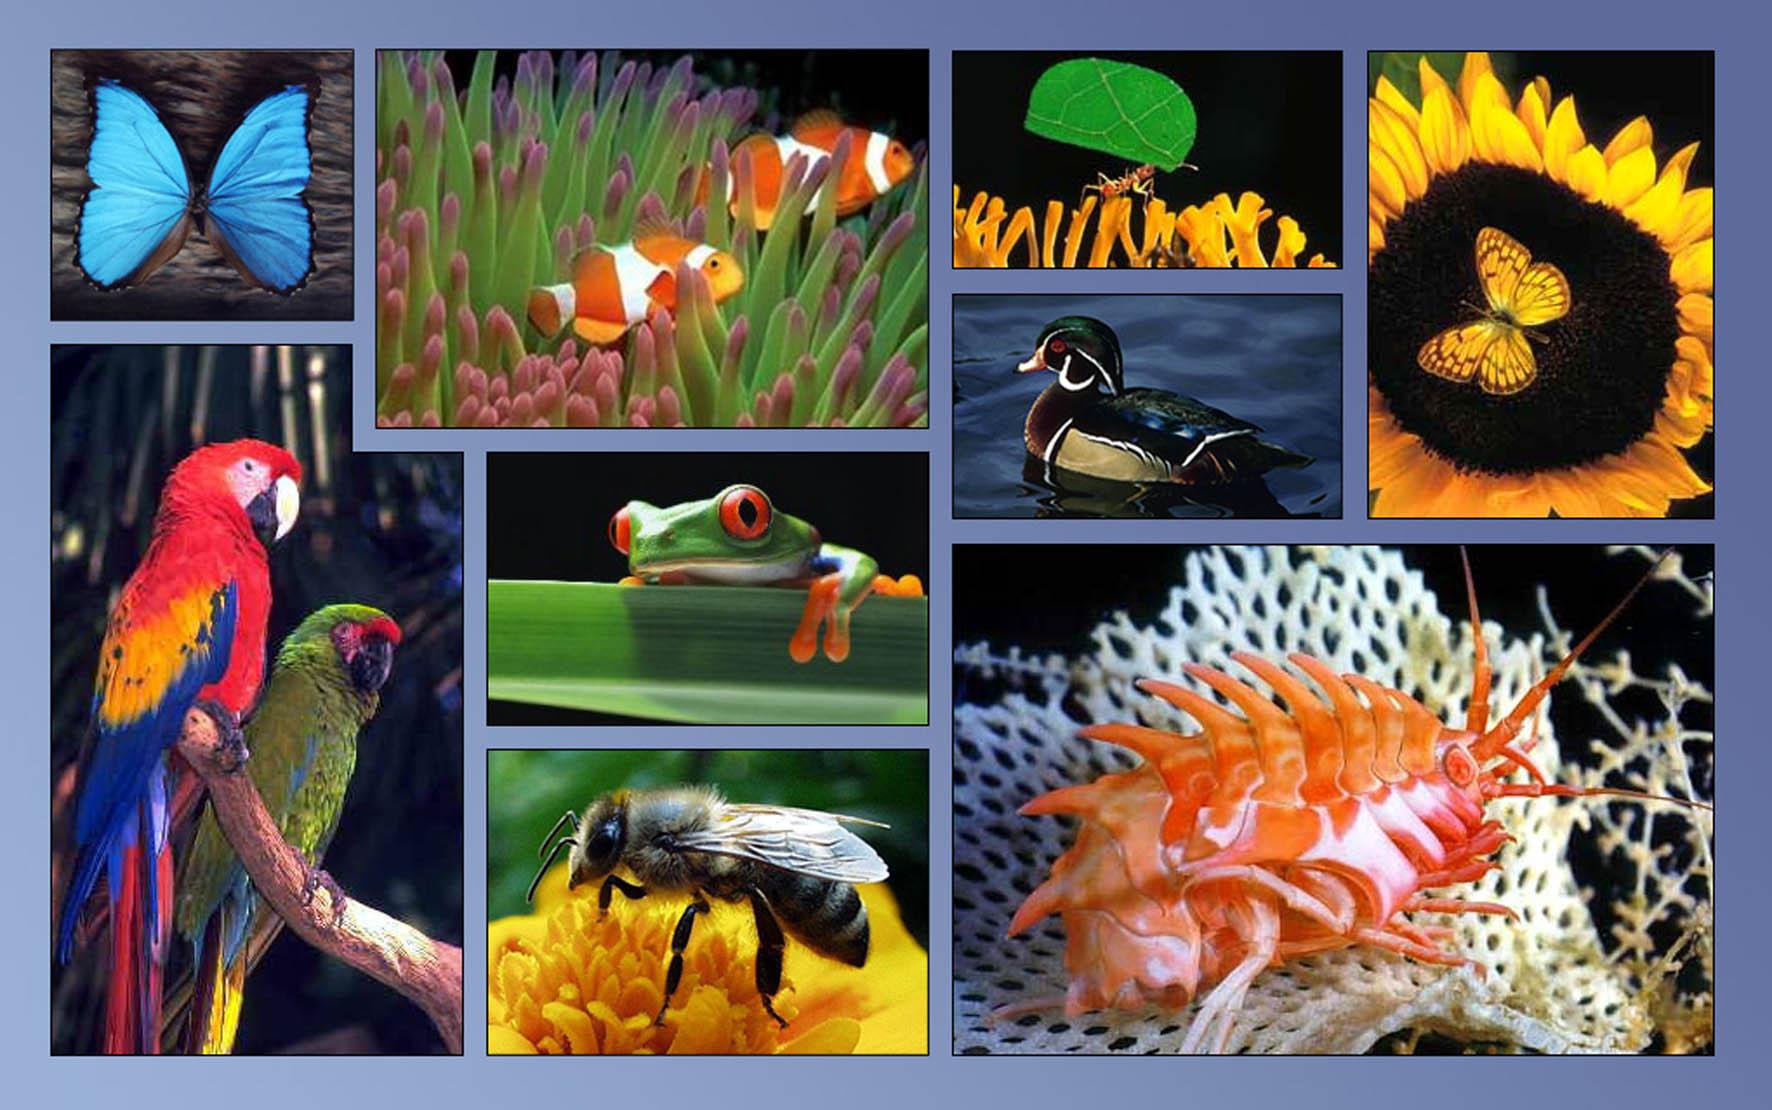 Cómo ayudar a la biodiversidad